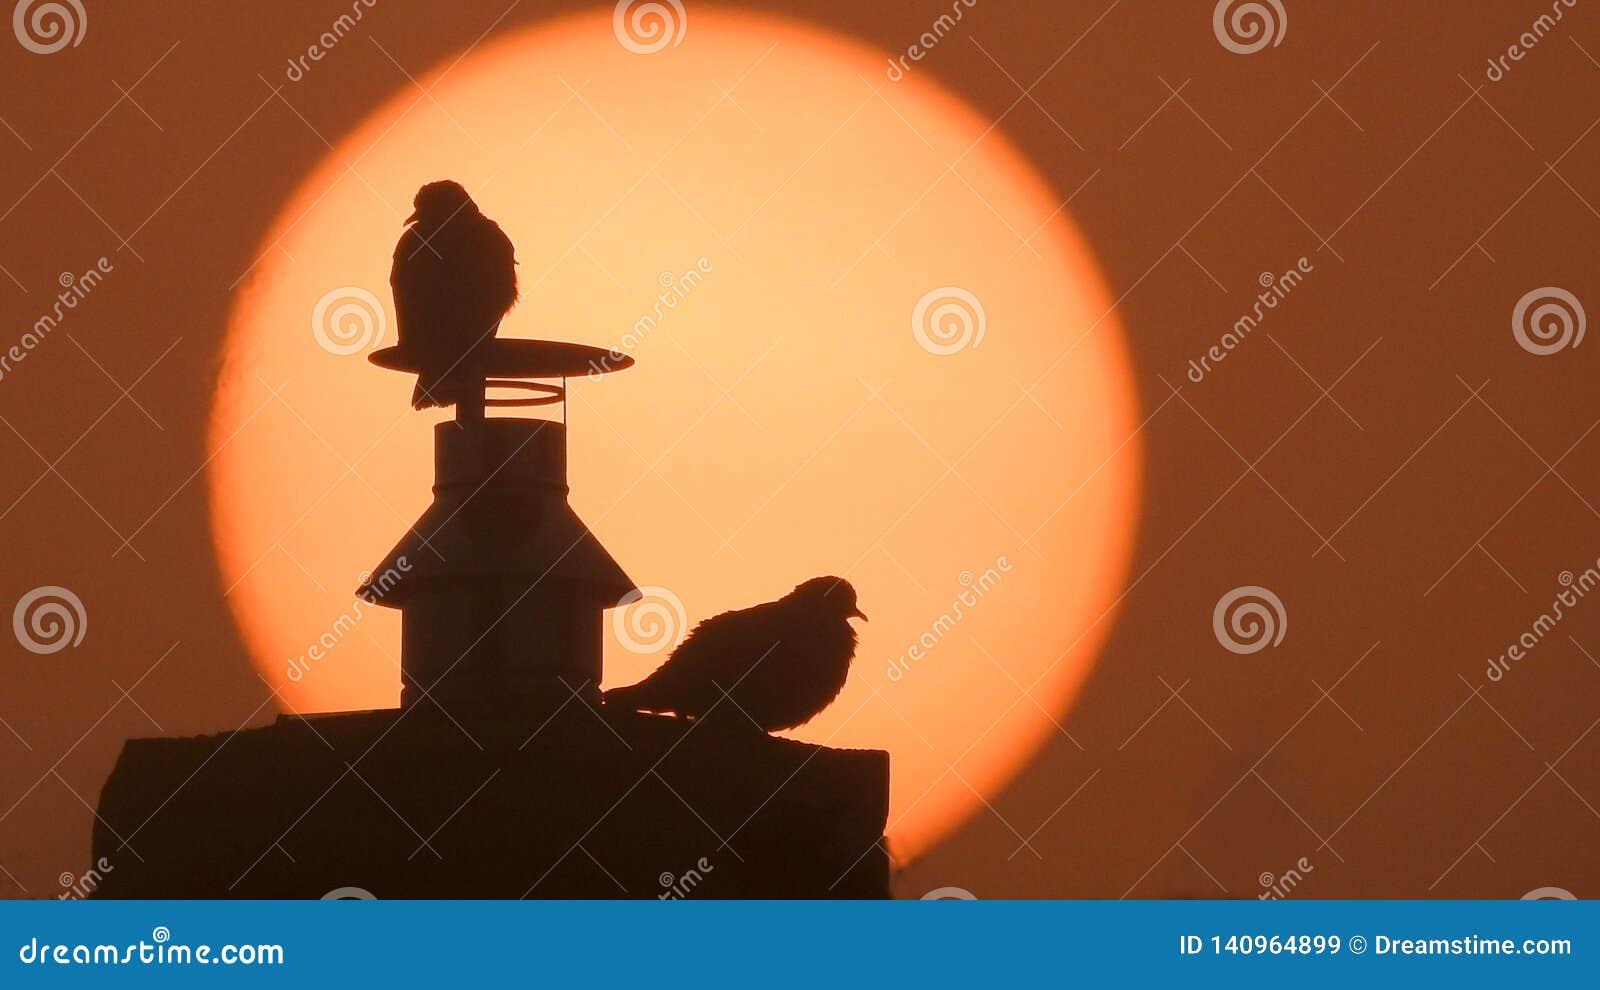 Dos palomas en una chimenea con un sol anaranjado grande de la mañana en el fondo